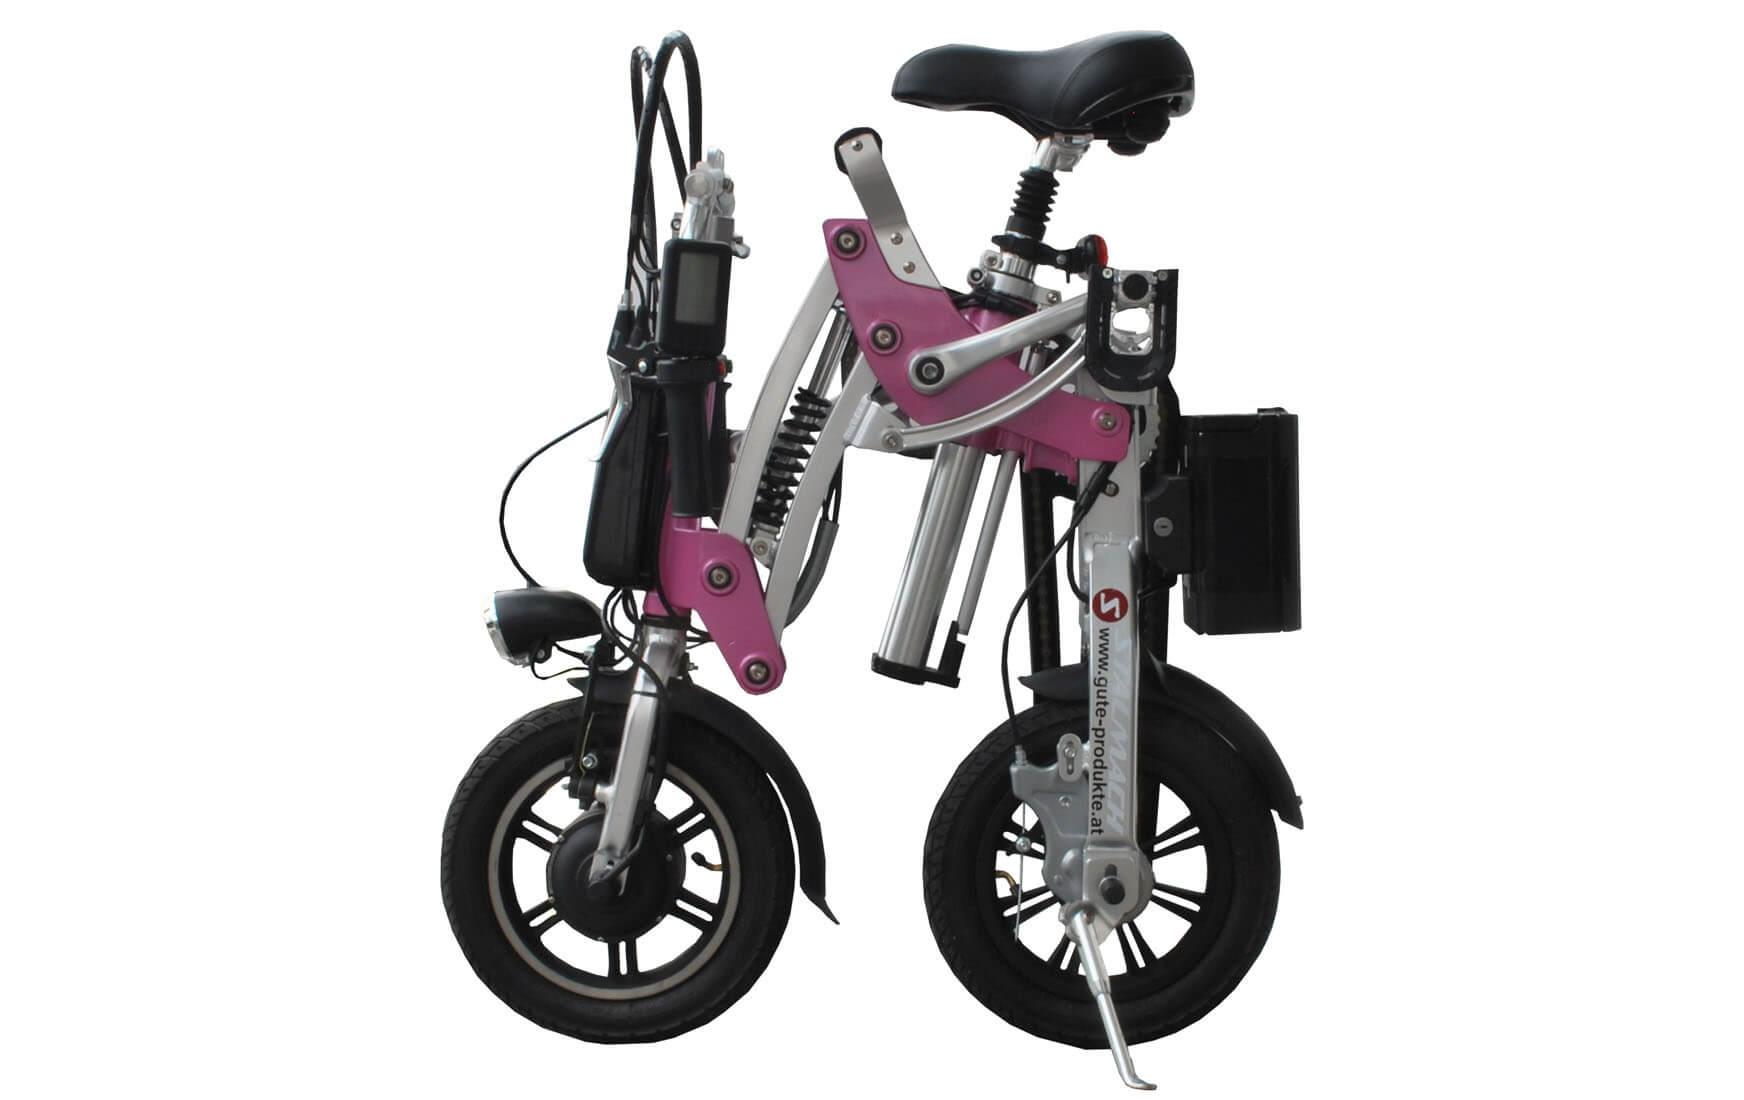 Klappbares Fahrrad in 84478 Waldkraiburg für € 30,00 zum